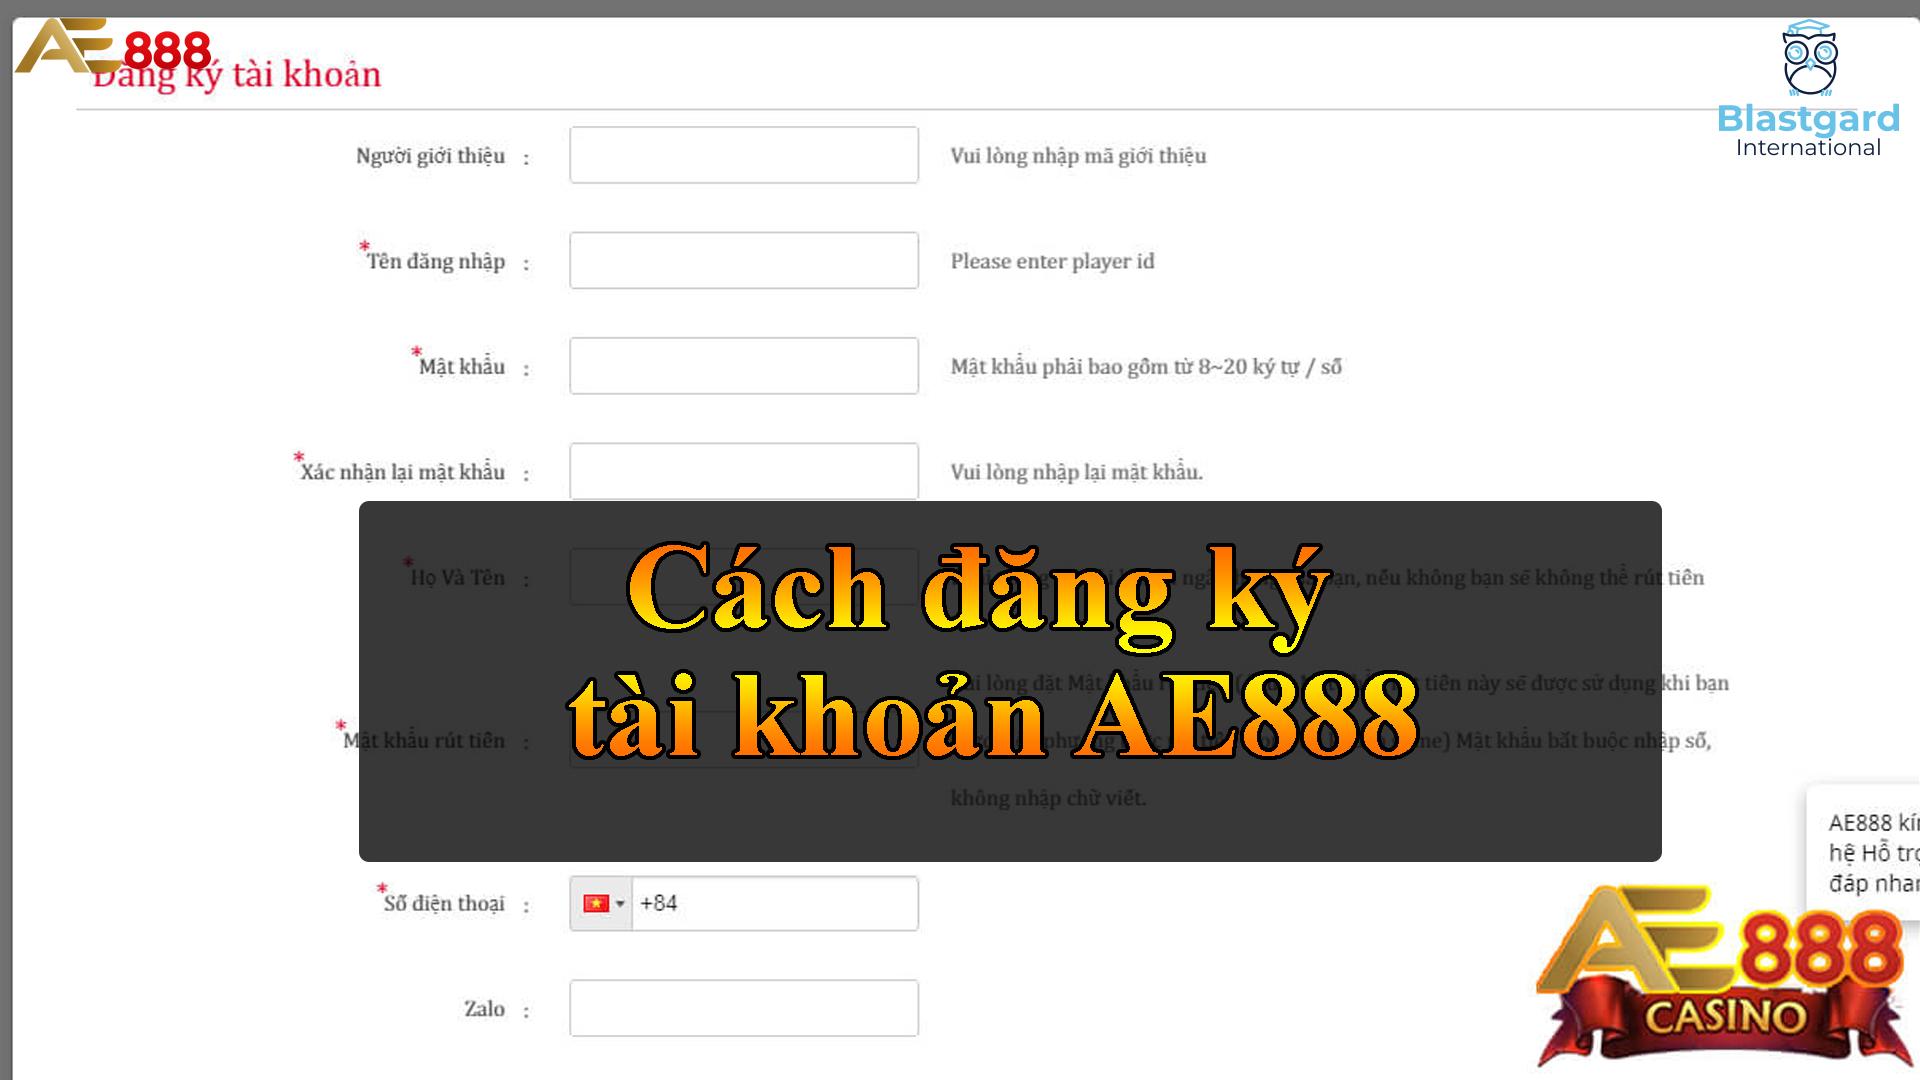 Cách đăng ký tài khoản AE888